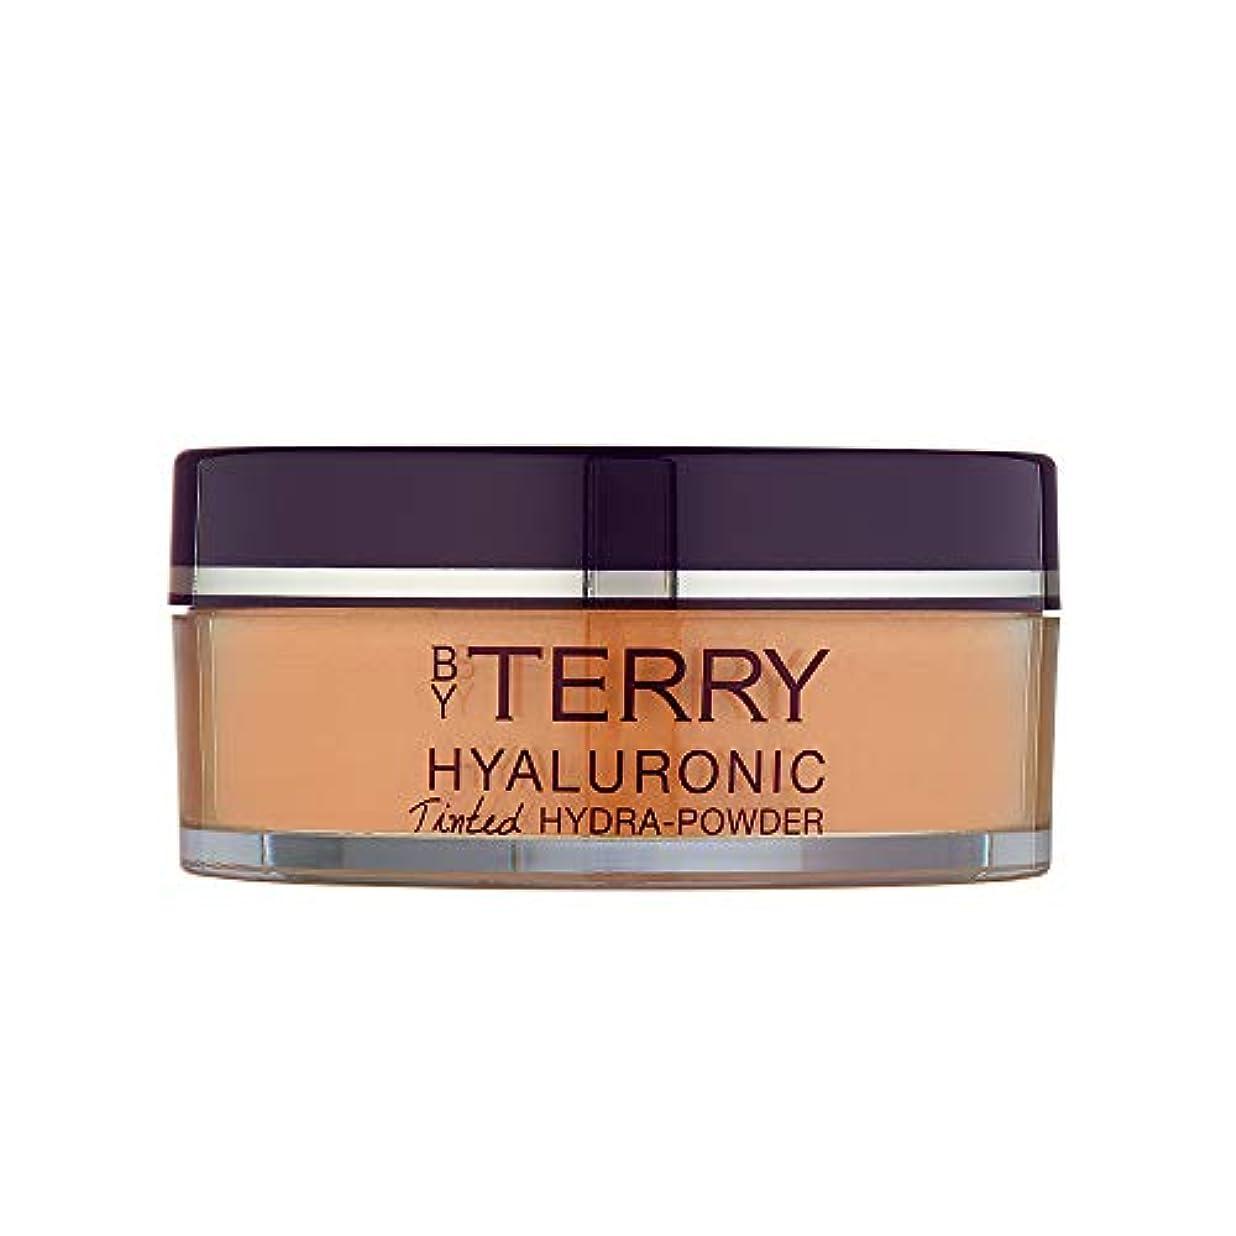 デマンド行動とにかくバイテリー Hyaluronic Tinted Hydra Care Setting Powder - # 400 Medium 10g/0.35oz並行輸入品